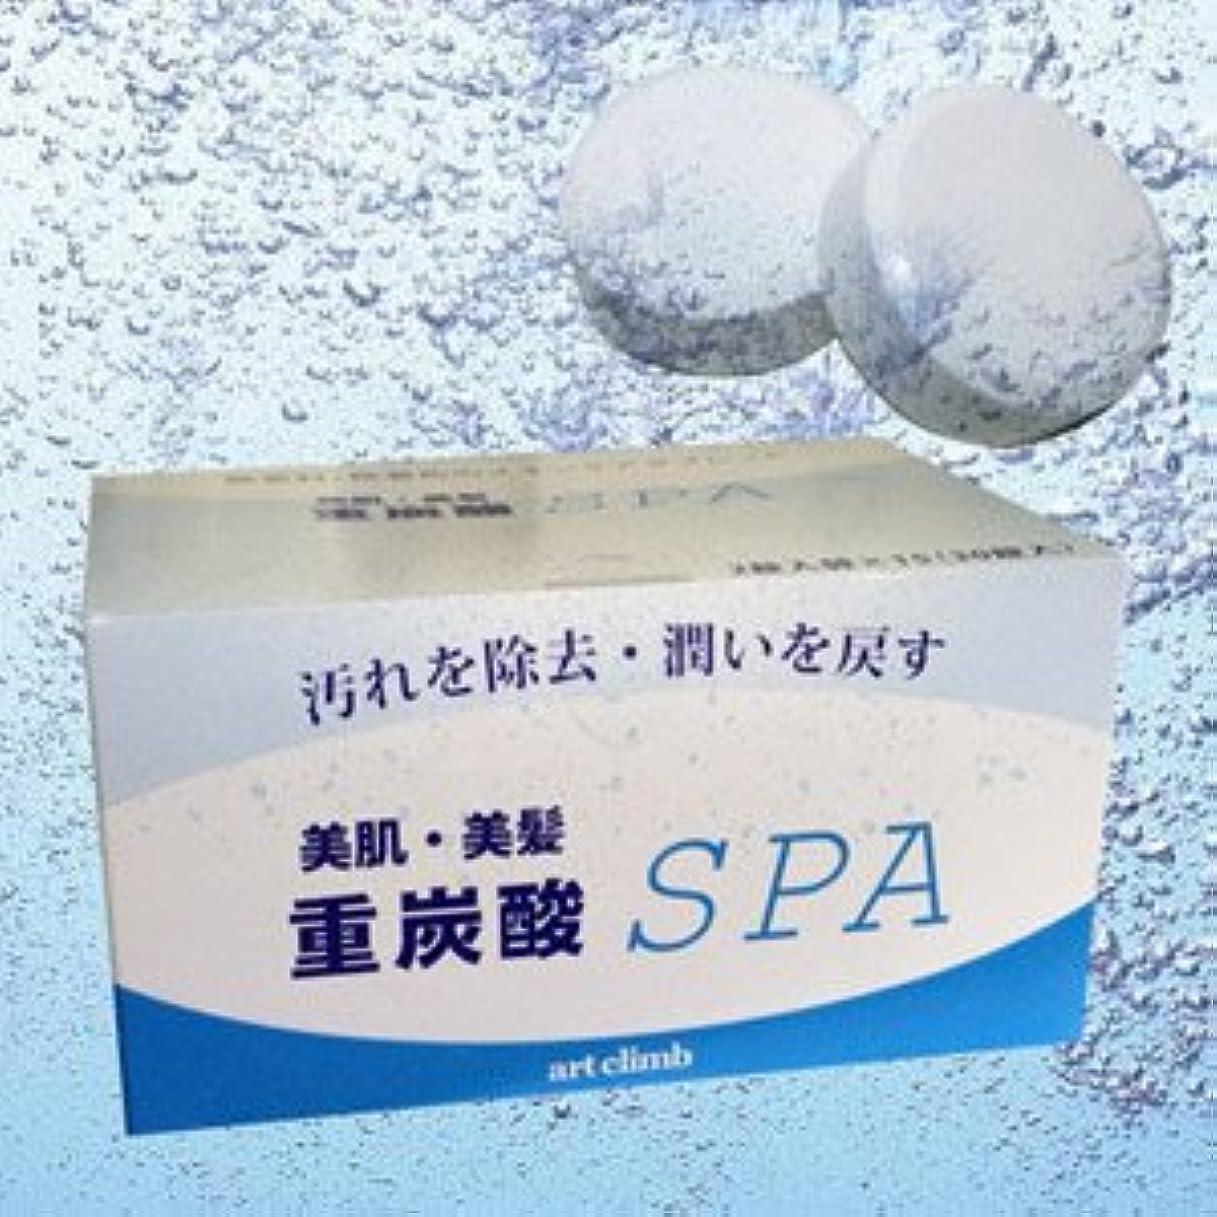 かわいらしい正当な彫刻炭酸泉タブレット 重炭酸SPA 16g x 36錠入り